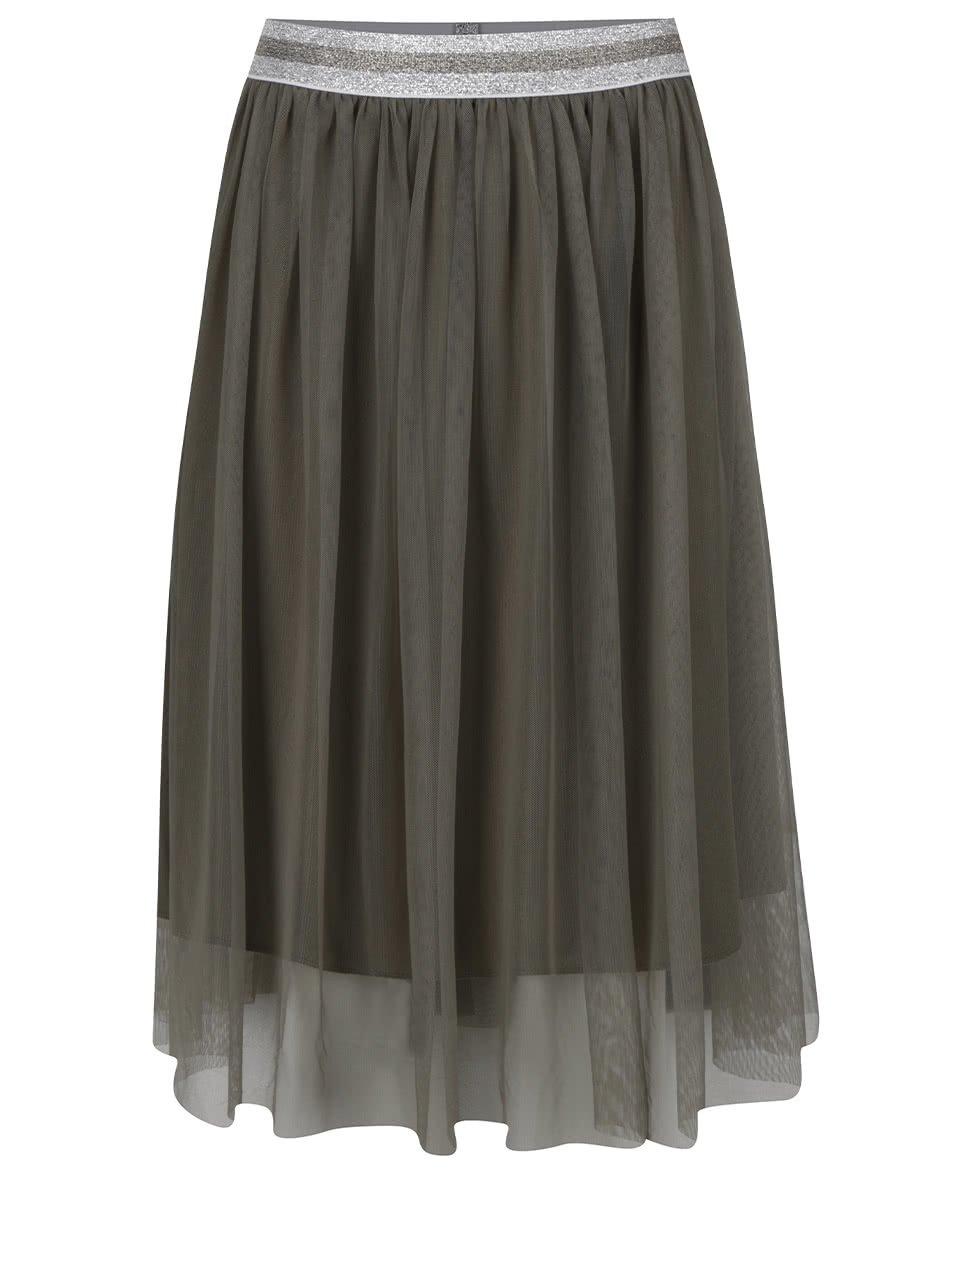 Khaki tylová sukně ONLY Shell